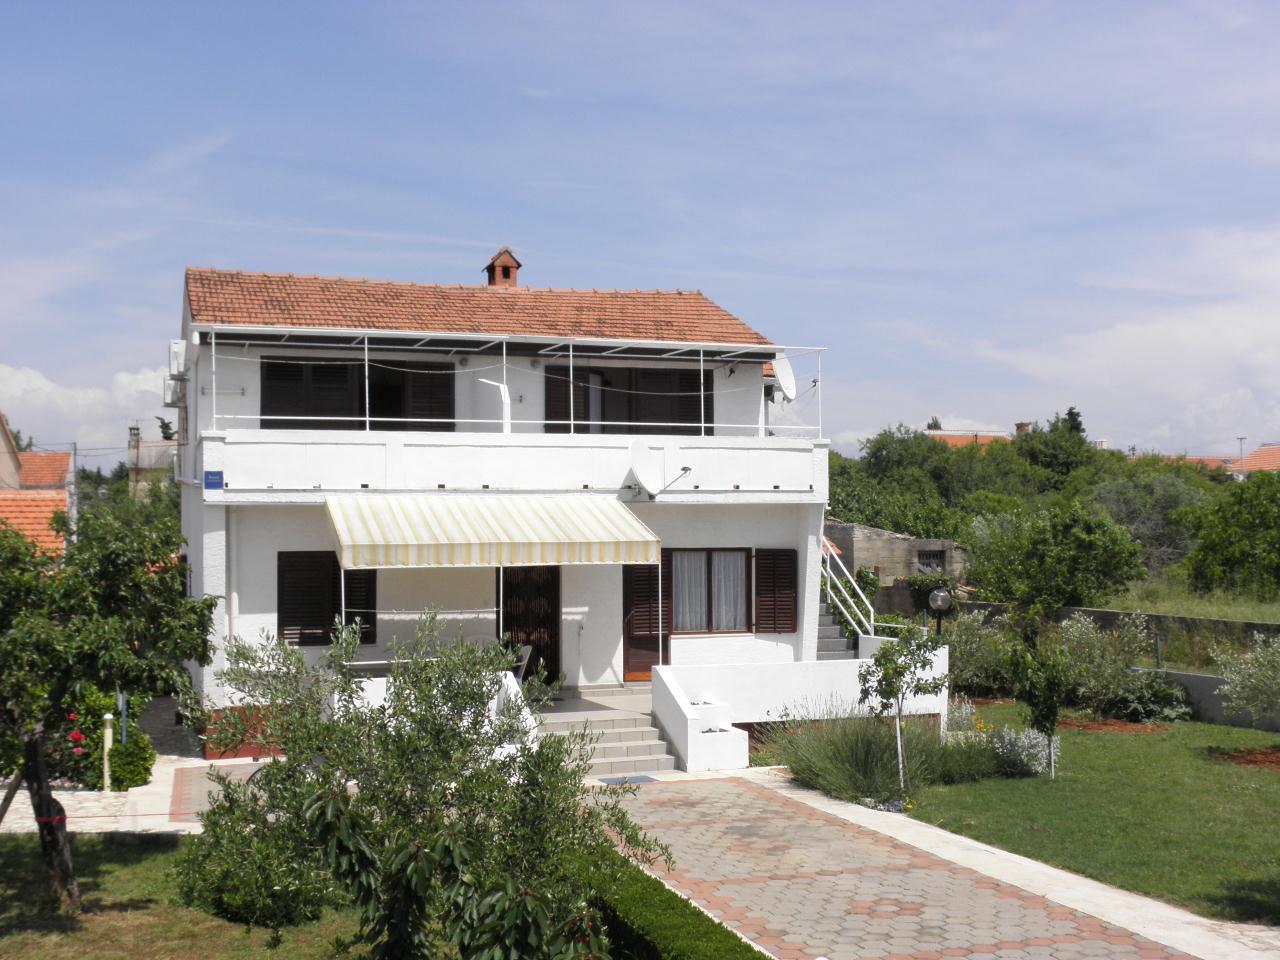 2575 - Сушица - Апартаменты Хорватия